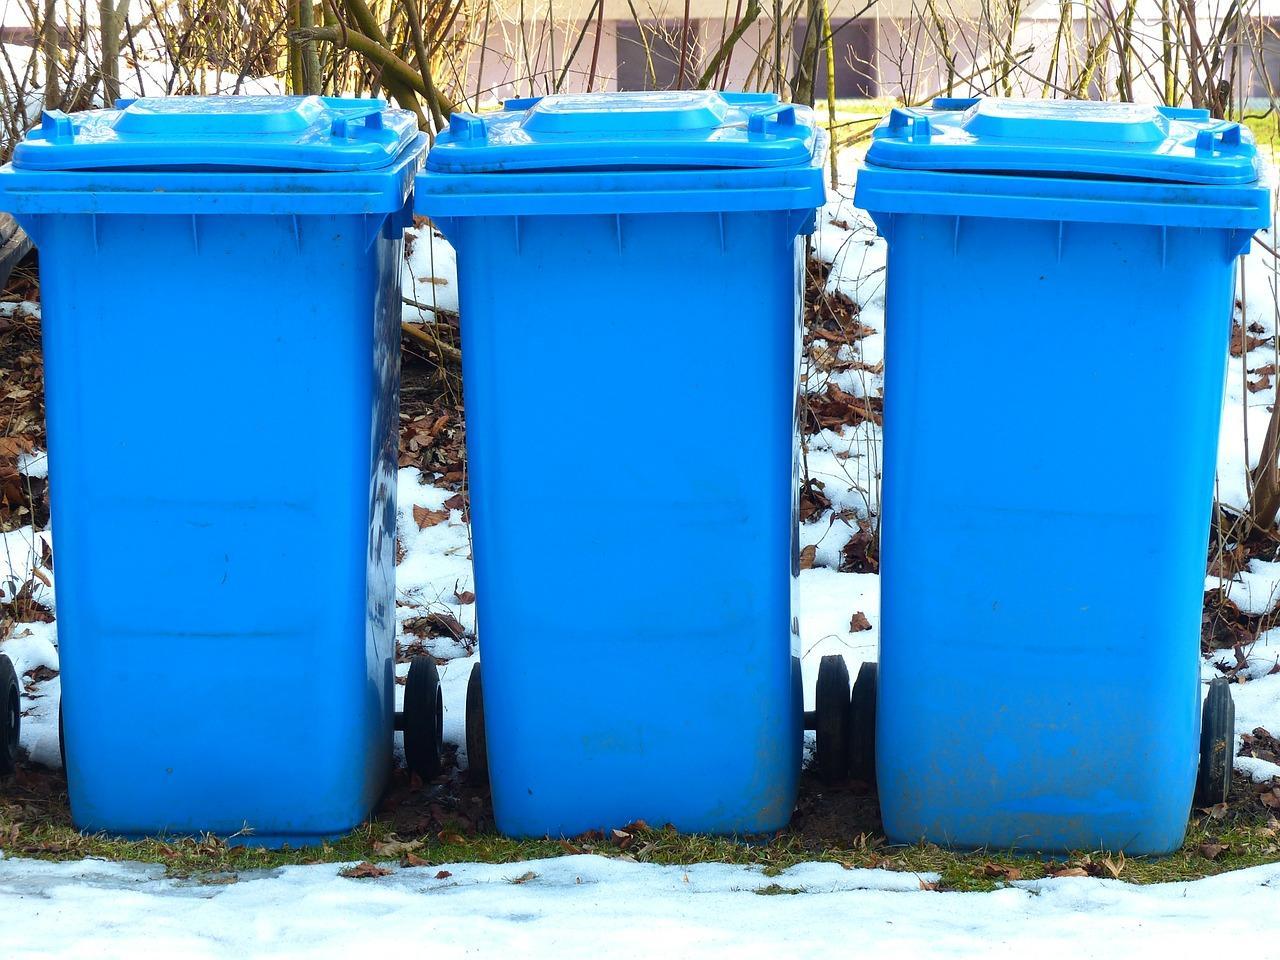 dustbin-95178_1280-1526936476785.jpg